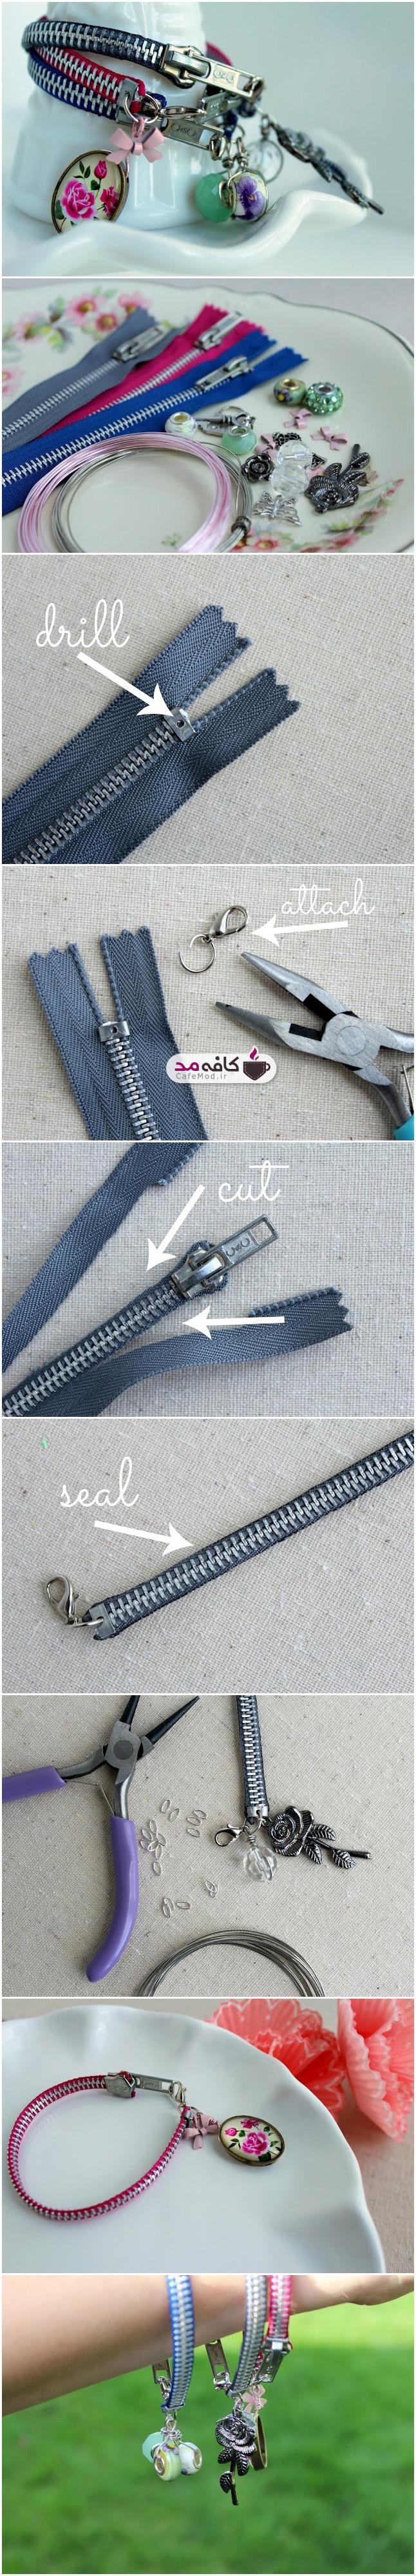 ساخت دستبند با زیپ